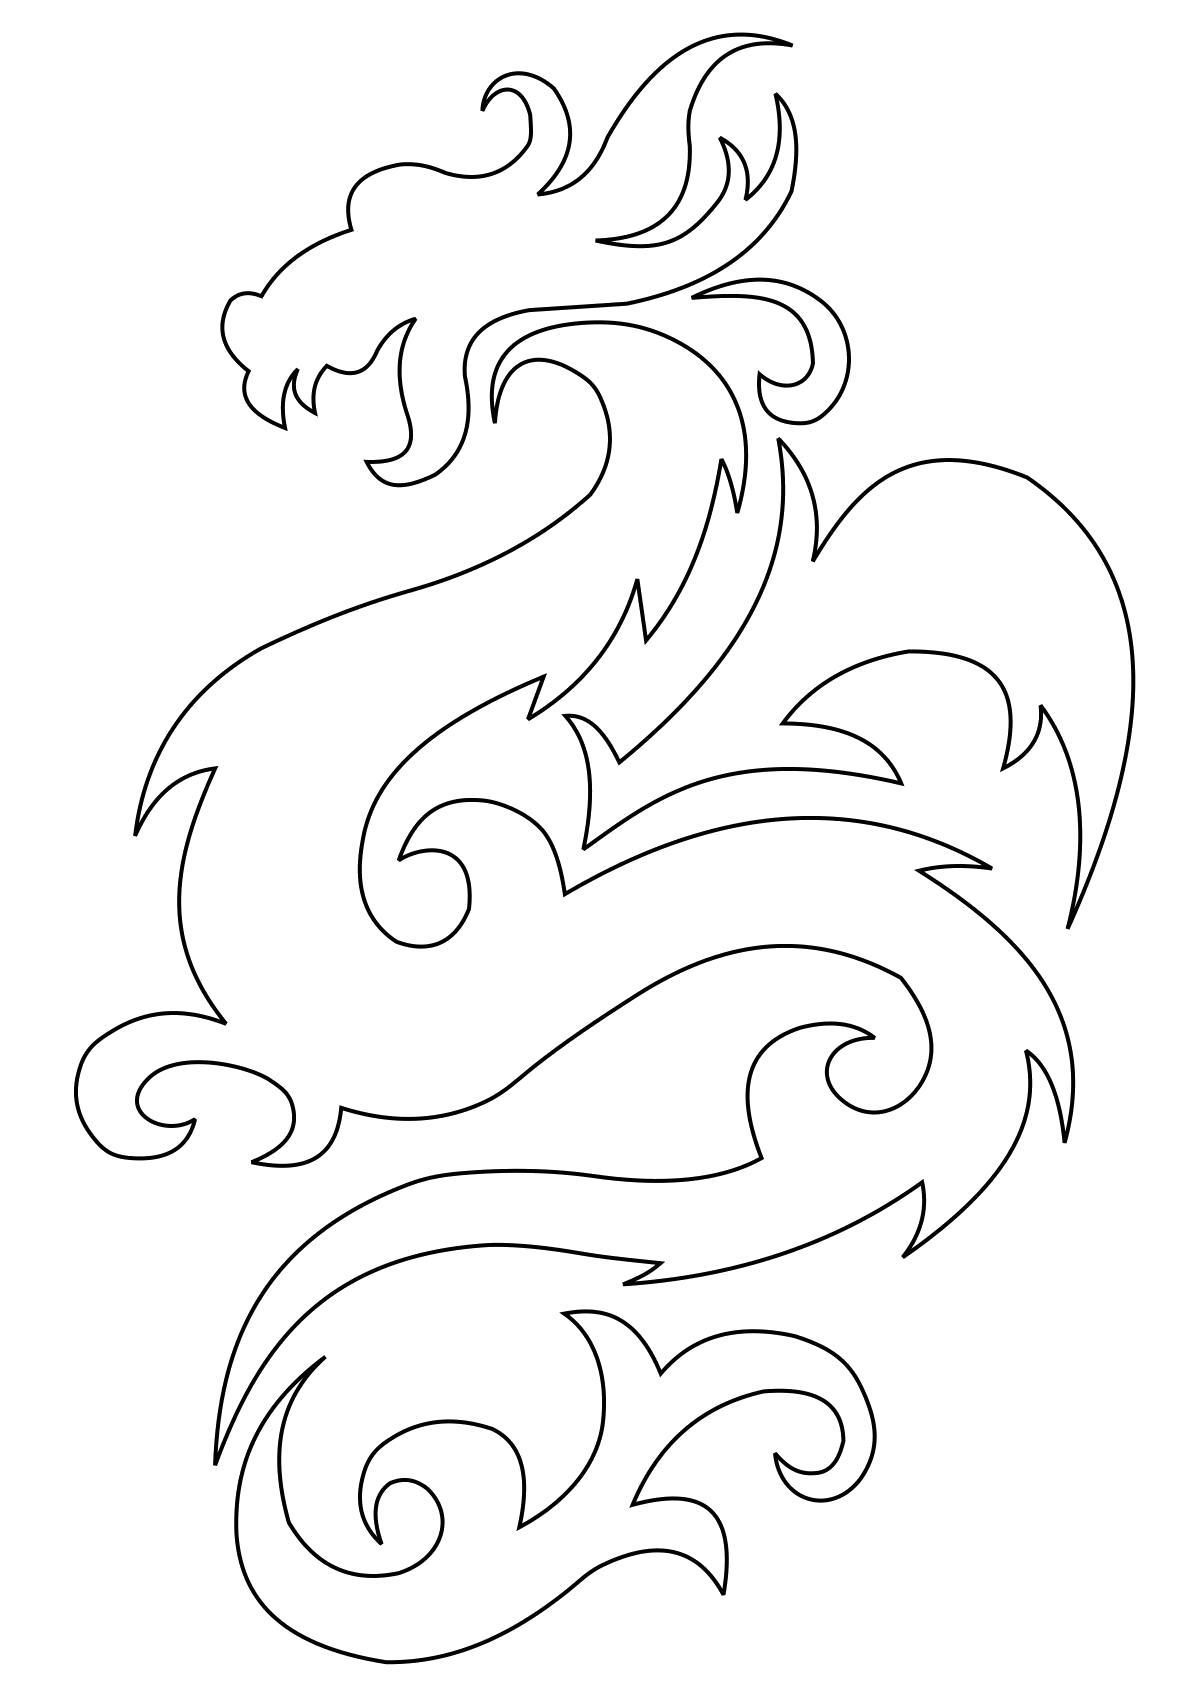 Раскраска рисунки японских драконов. Скачать дракон.  Распечатать мифические существа